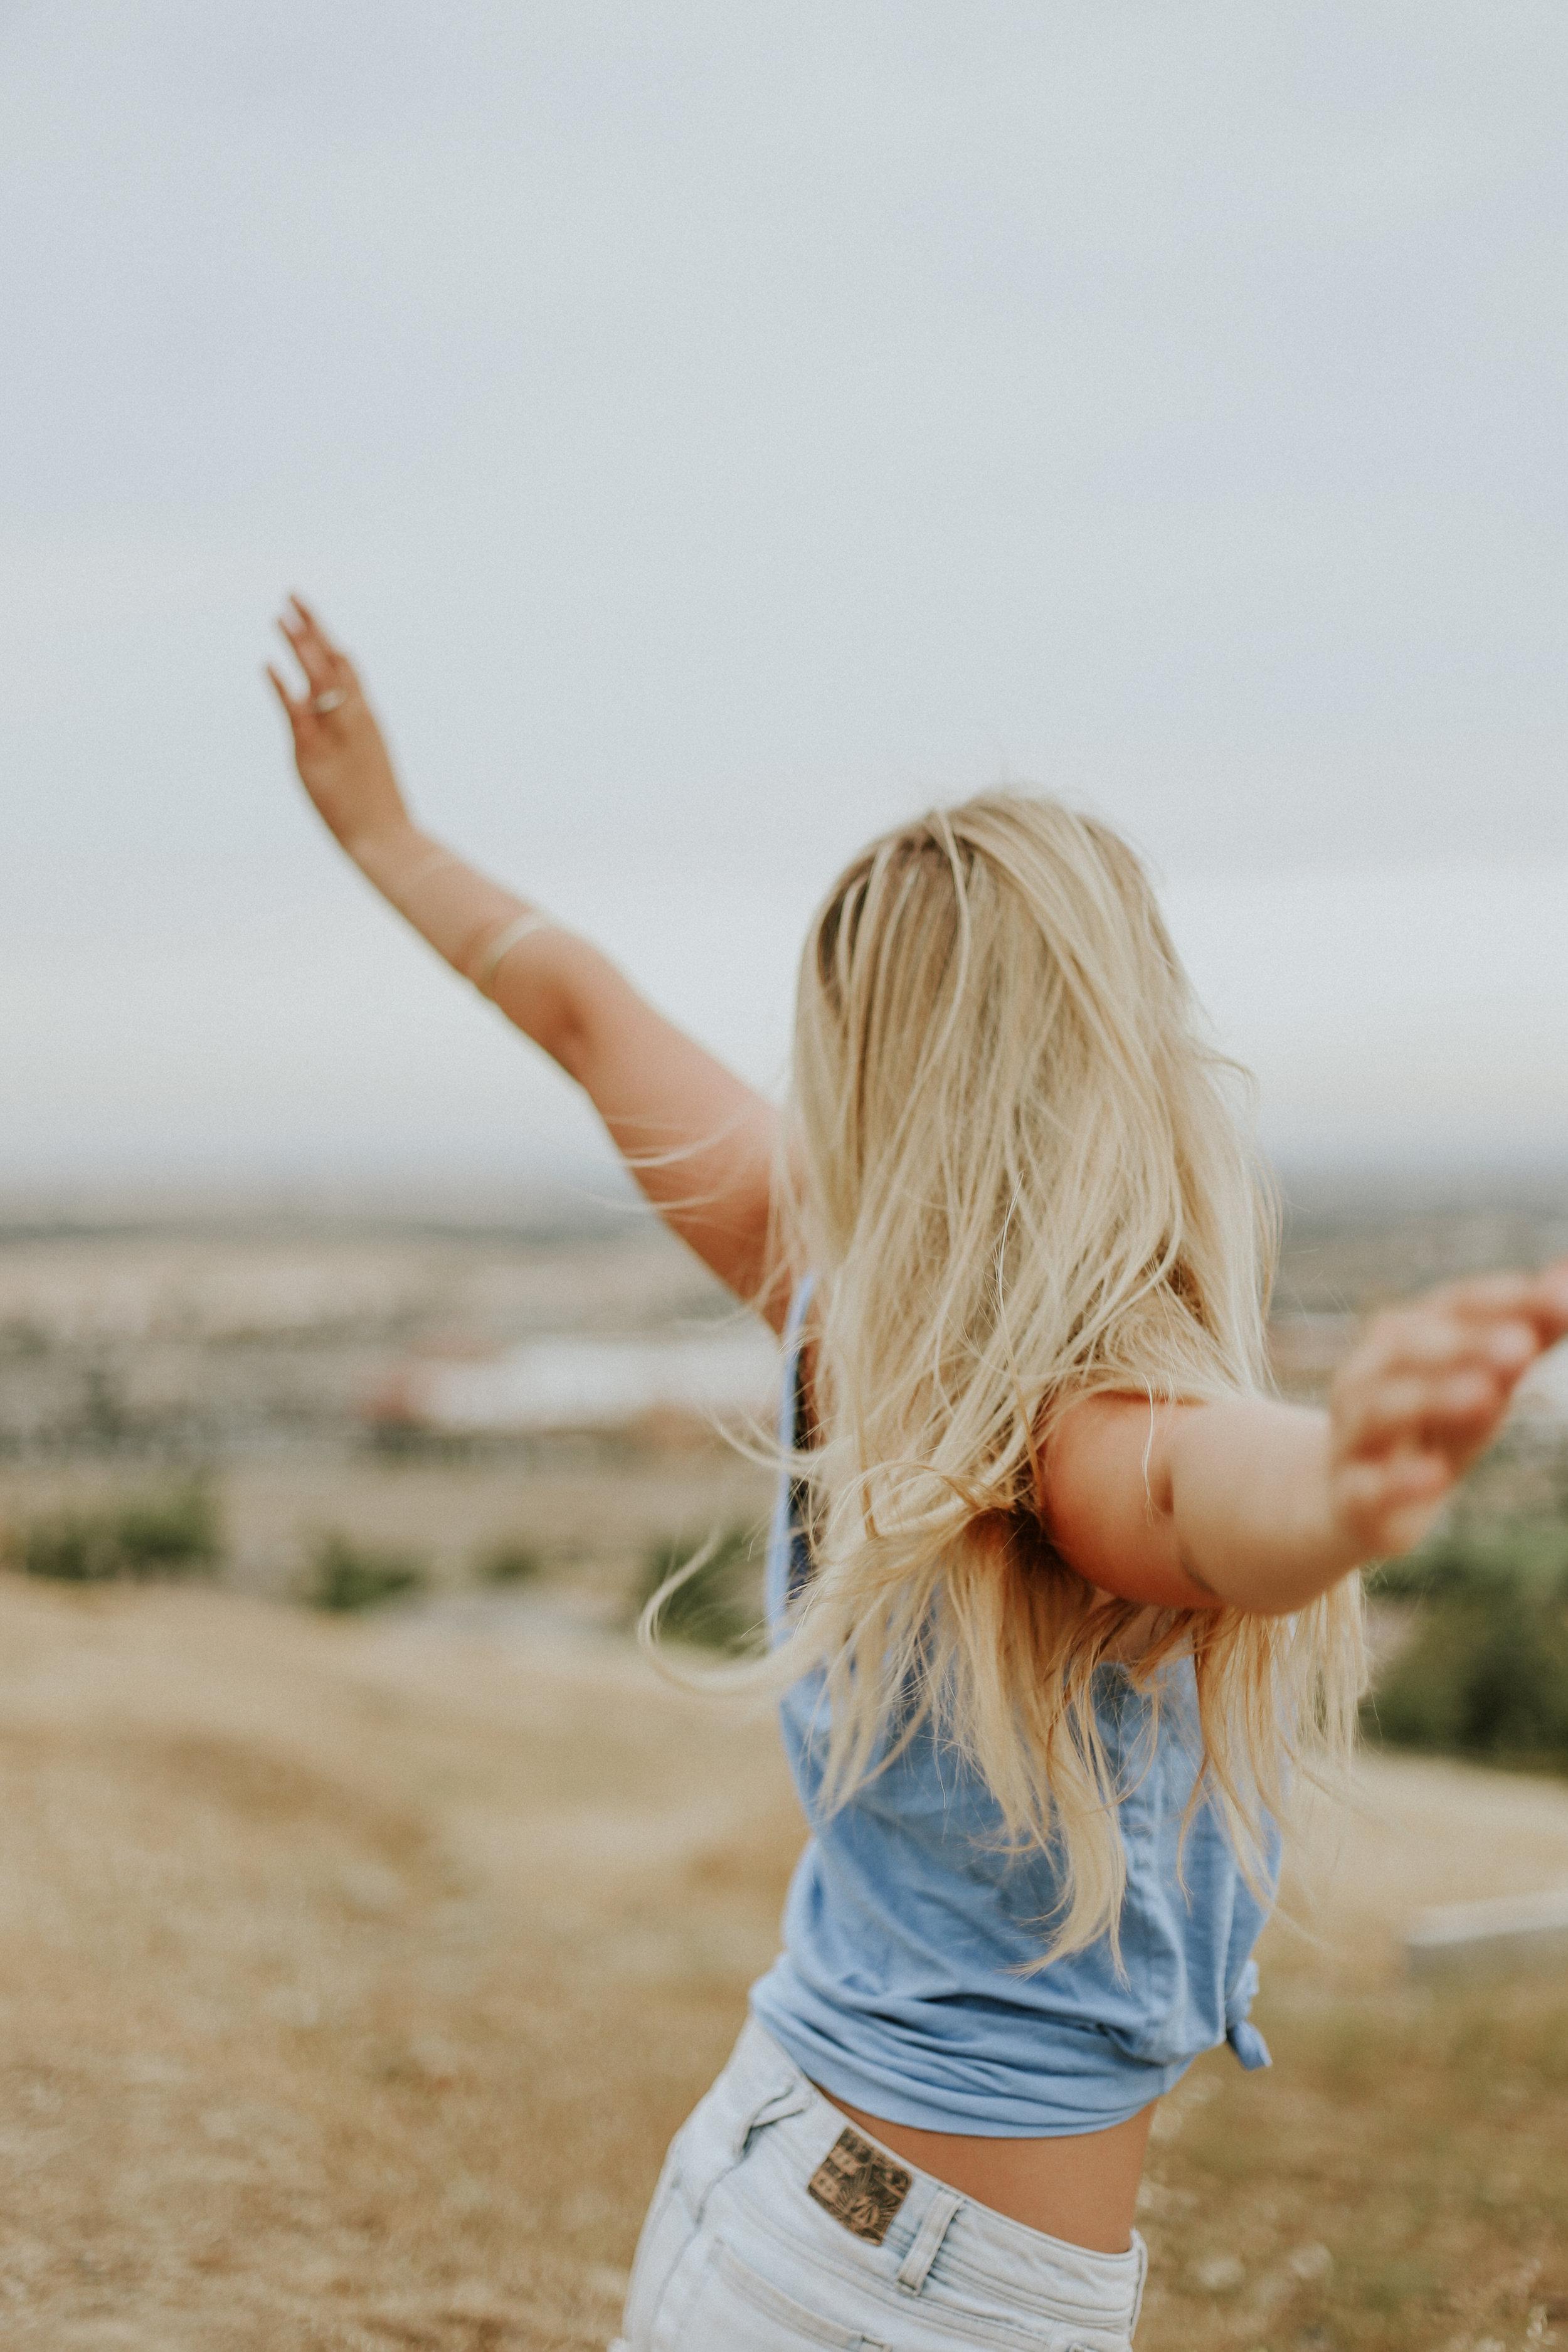 Frihet och tjej med blont hår. Optimera bilder för hemsidan, både Mac och PC